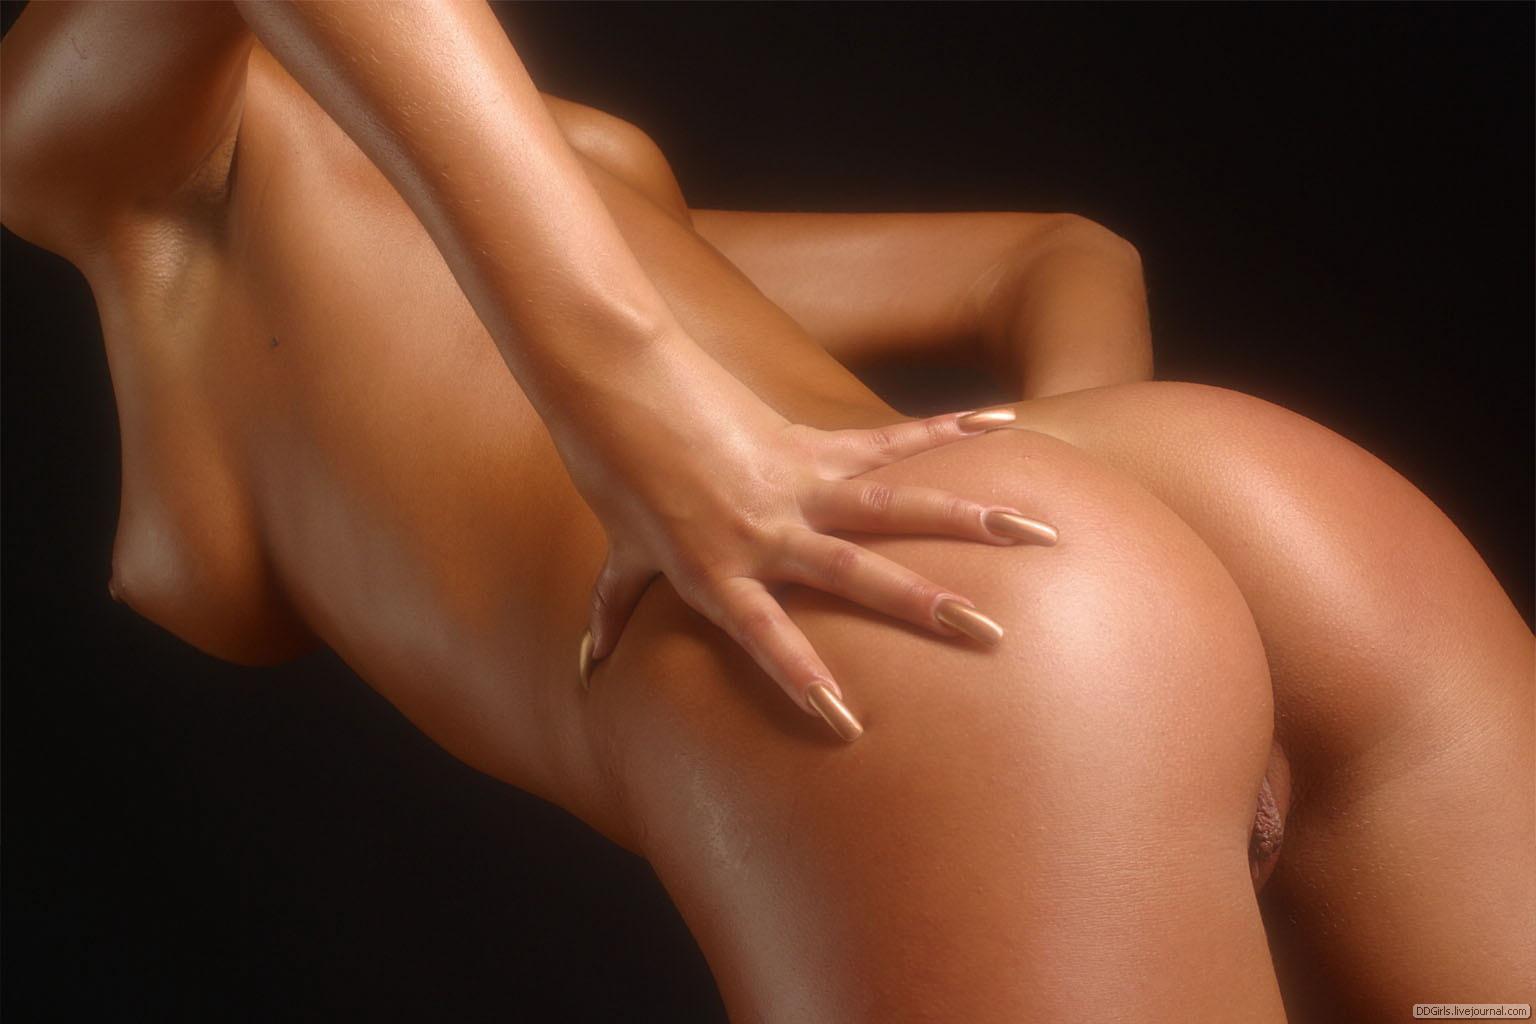 Фото женские фигуры голые 21 фотография